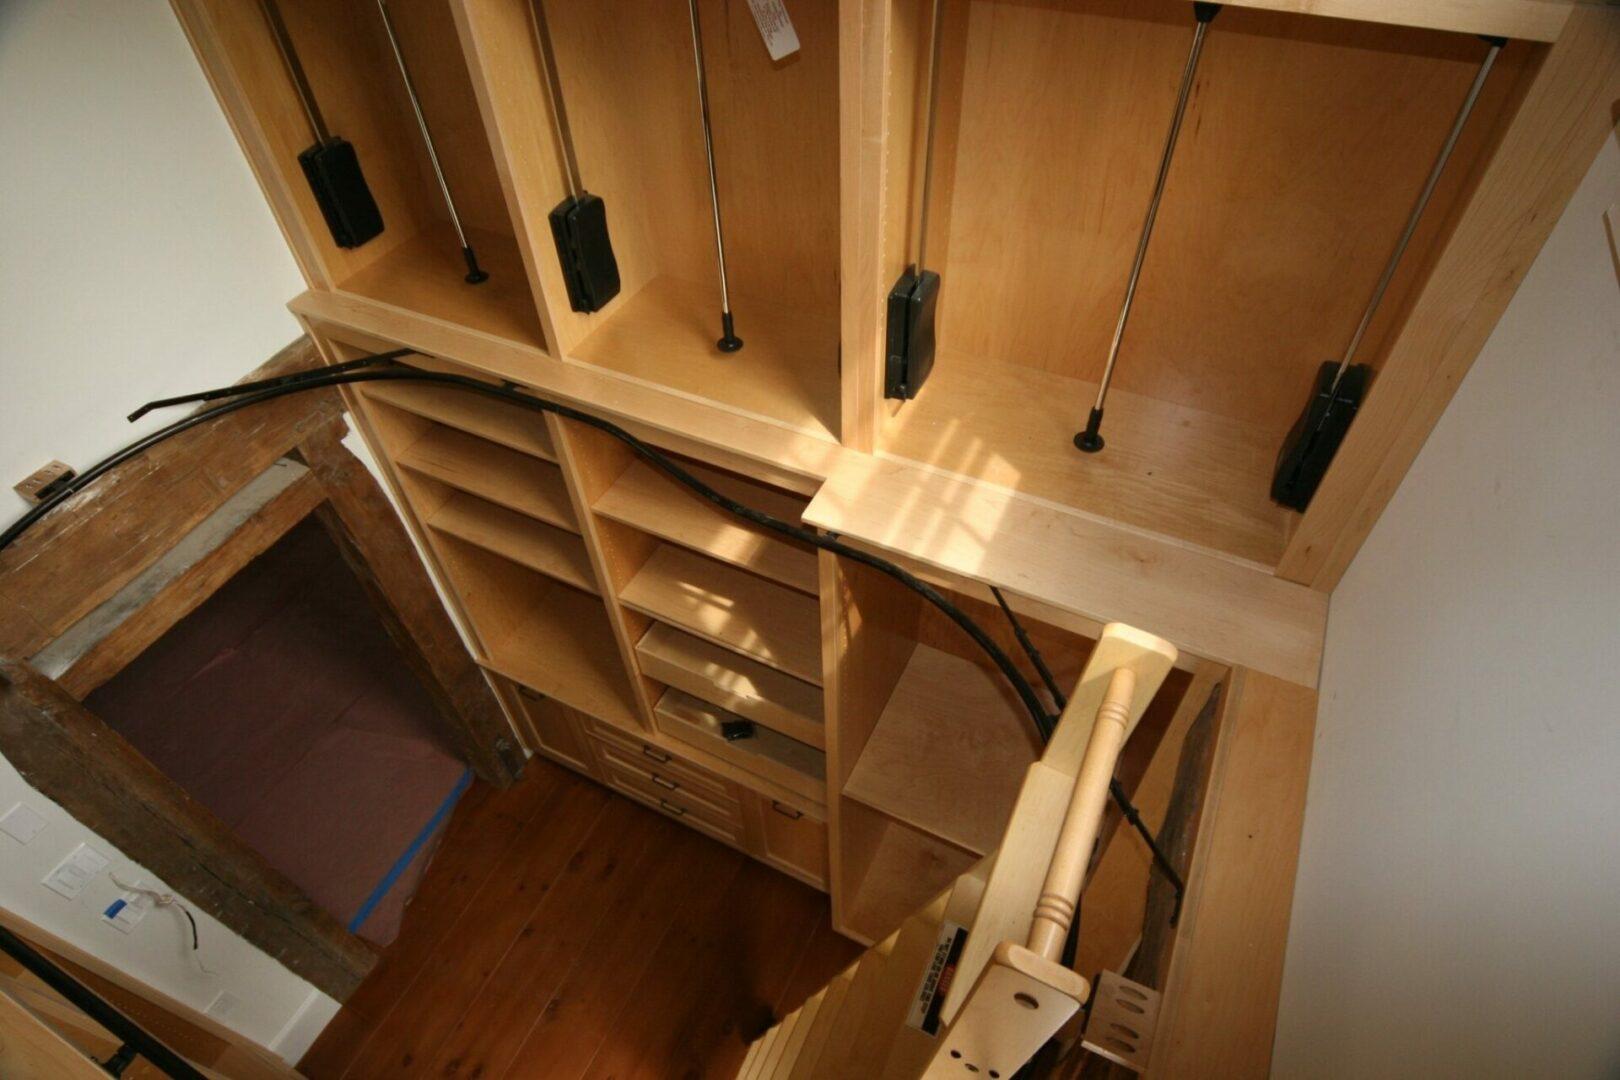 Mitchells Woodworking